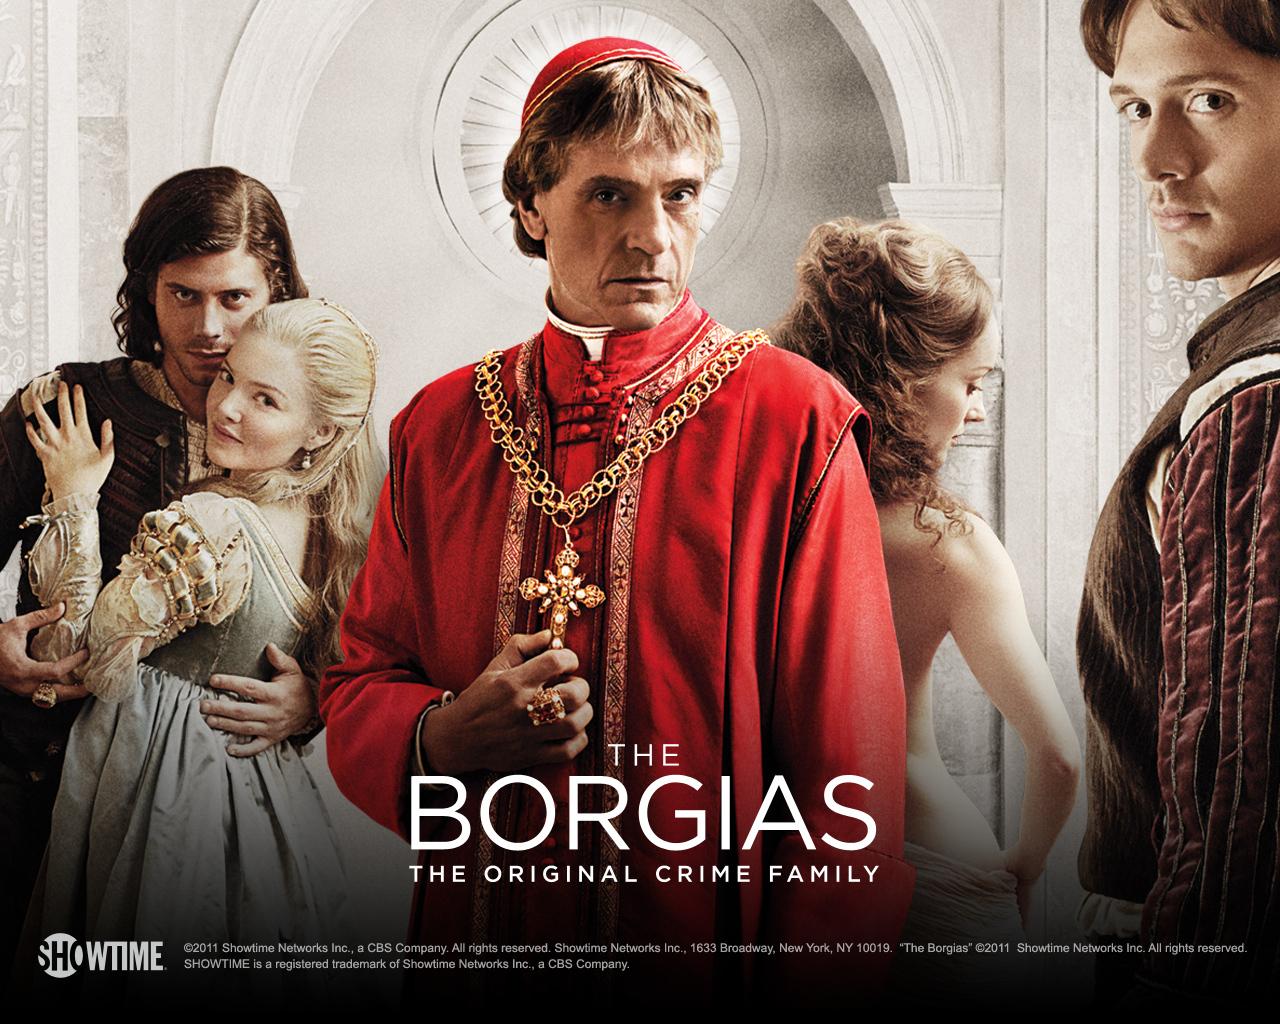 http://images4.fanpop.com/image/photos/20500000/The-Borgias-the-borgias-20541034-1280-1024.jpg